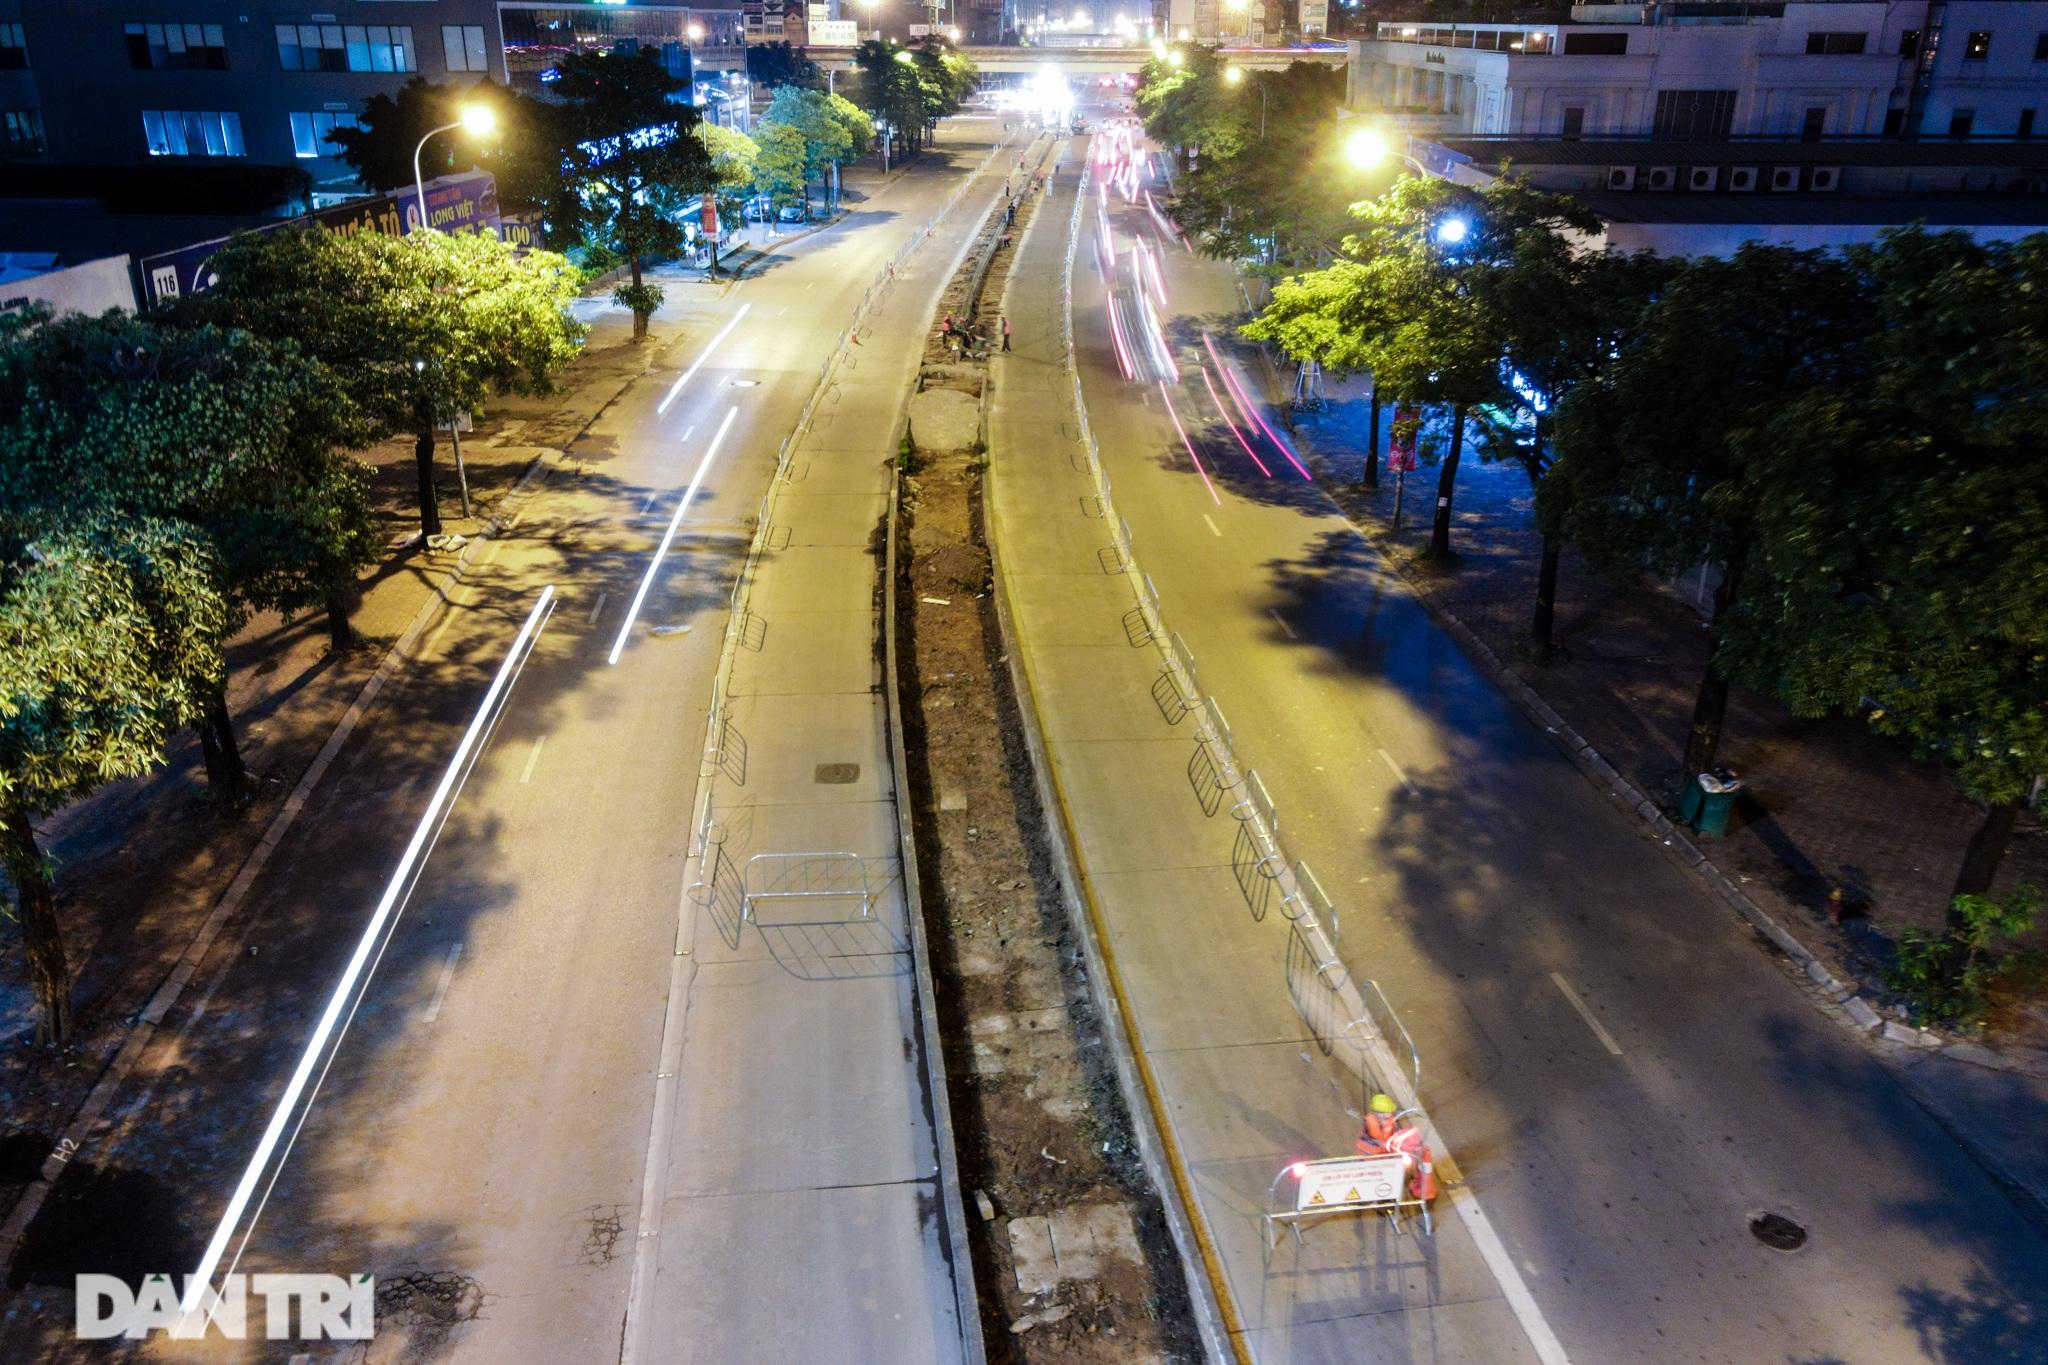 Xén dải phân cách đường Lê Văn Lương chuẩn bị đào hầm chui 700 tỷ đồng - 1